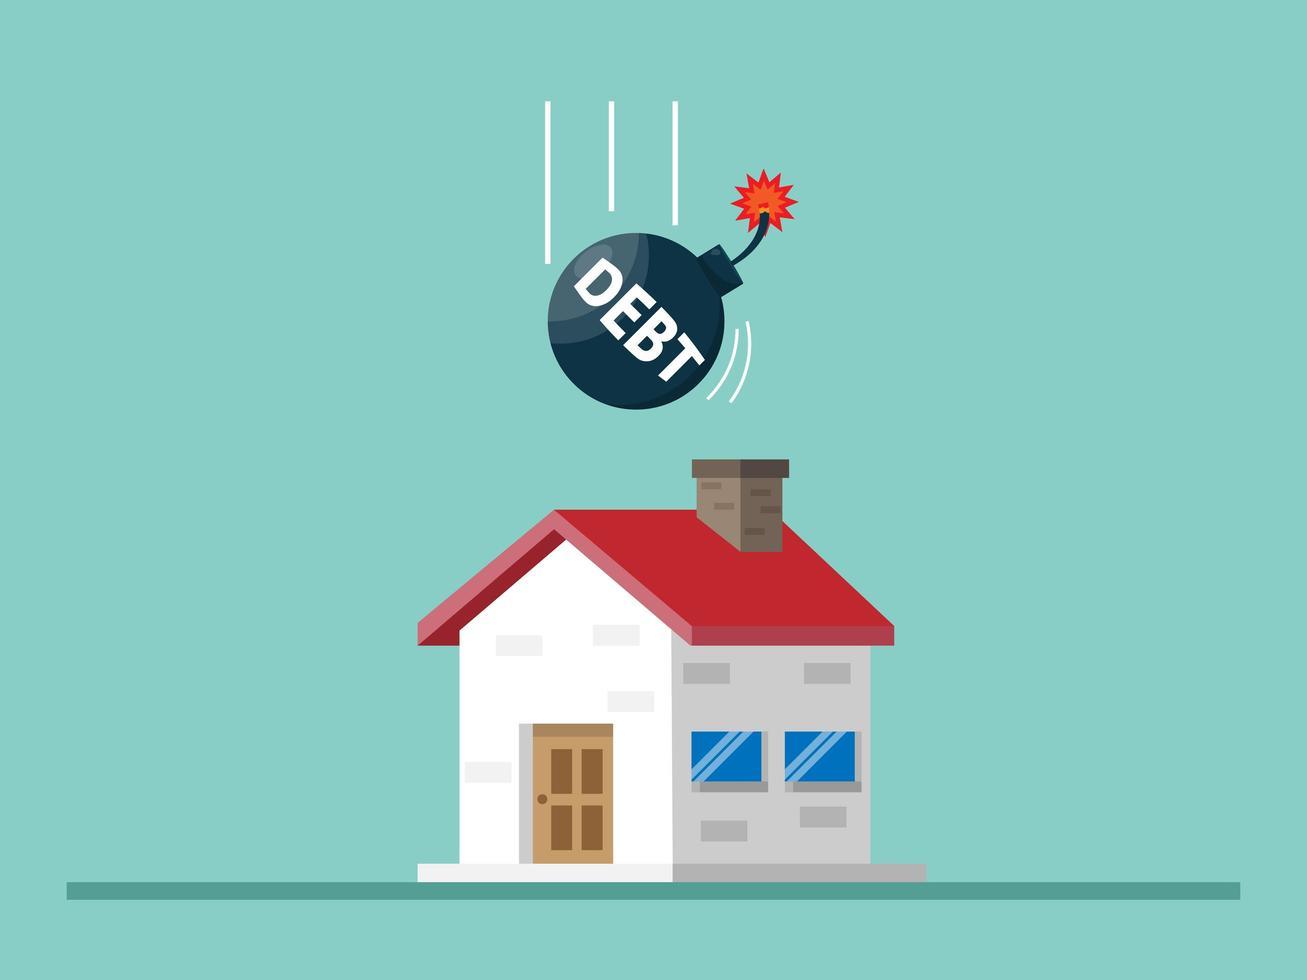 hus med skuldbomb, bostadslånekoncept vektor